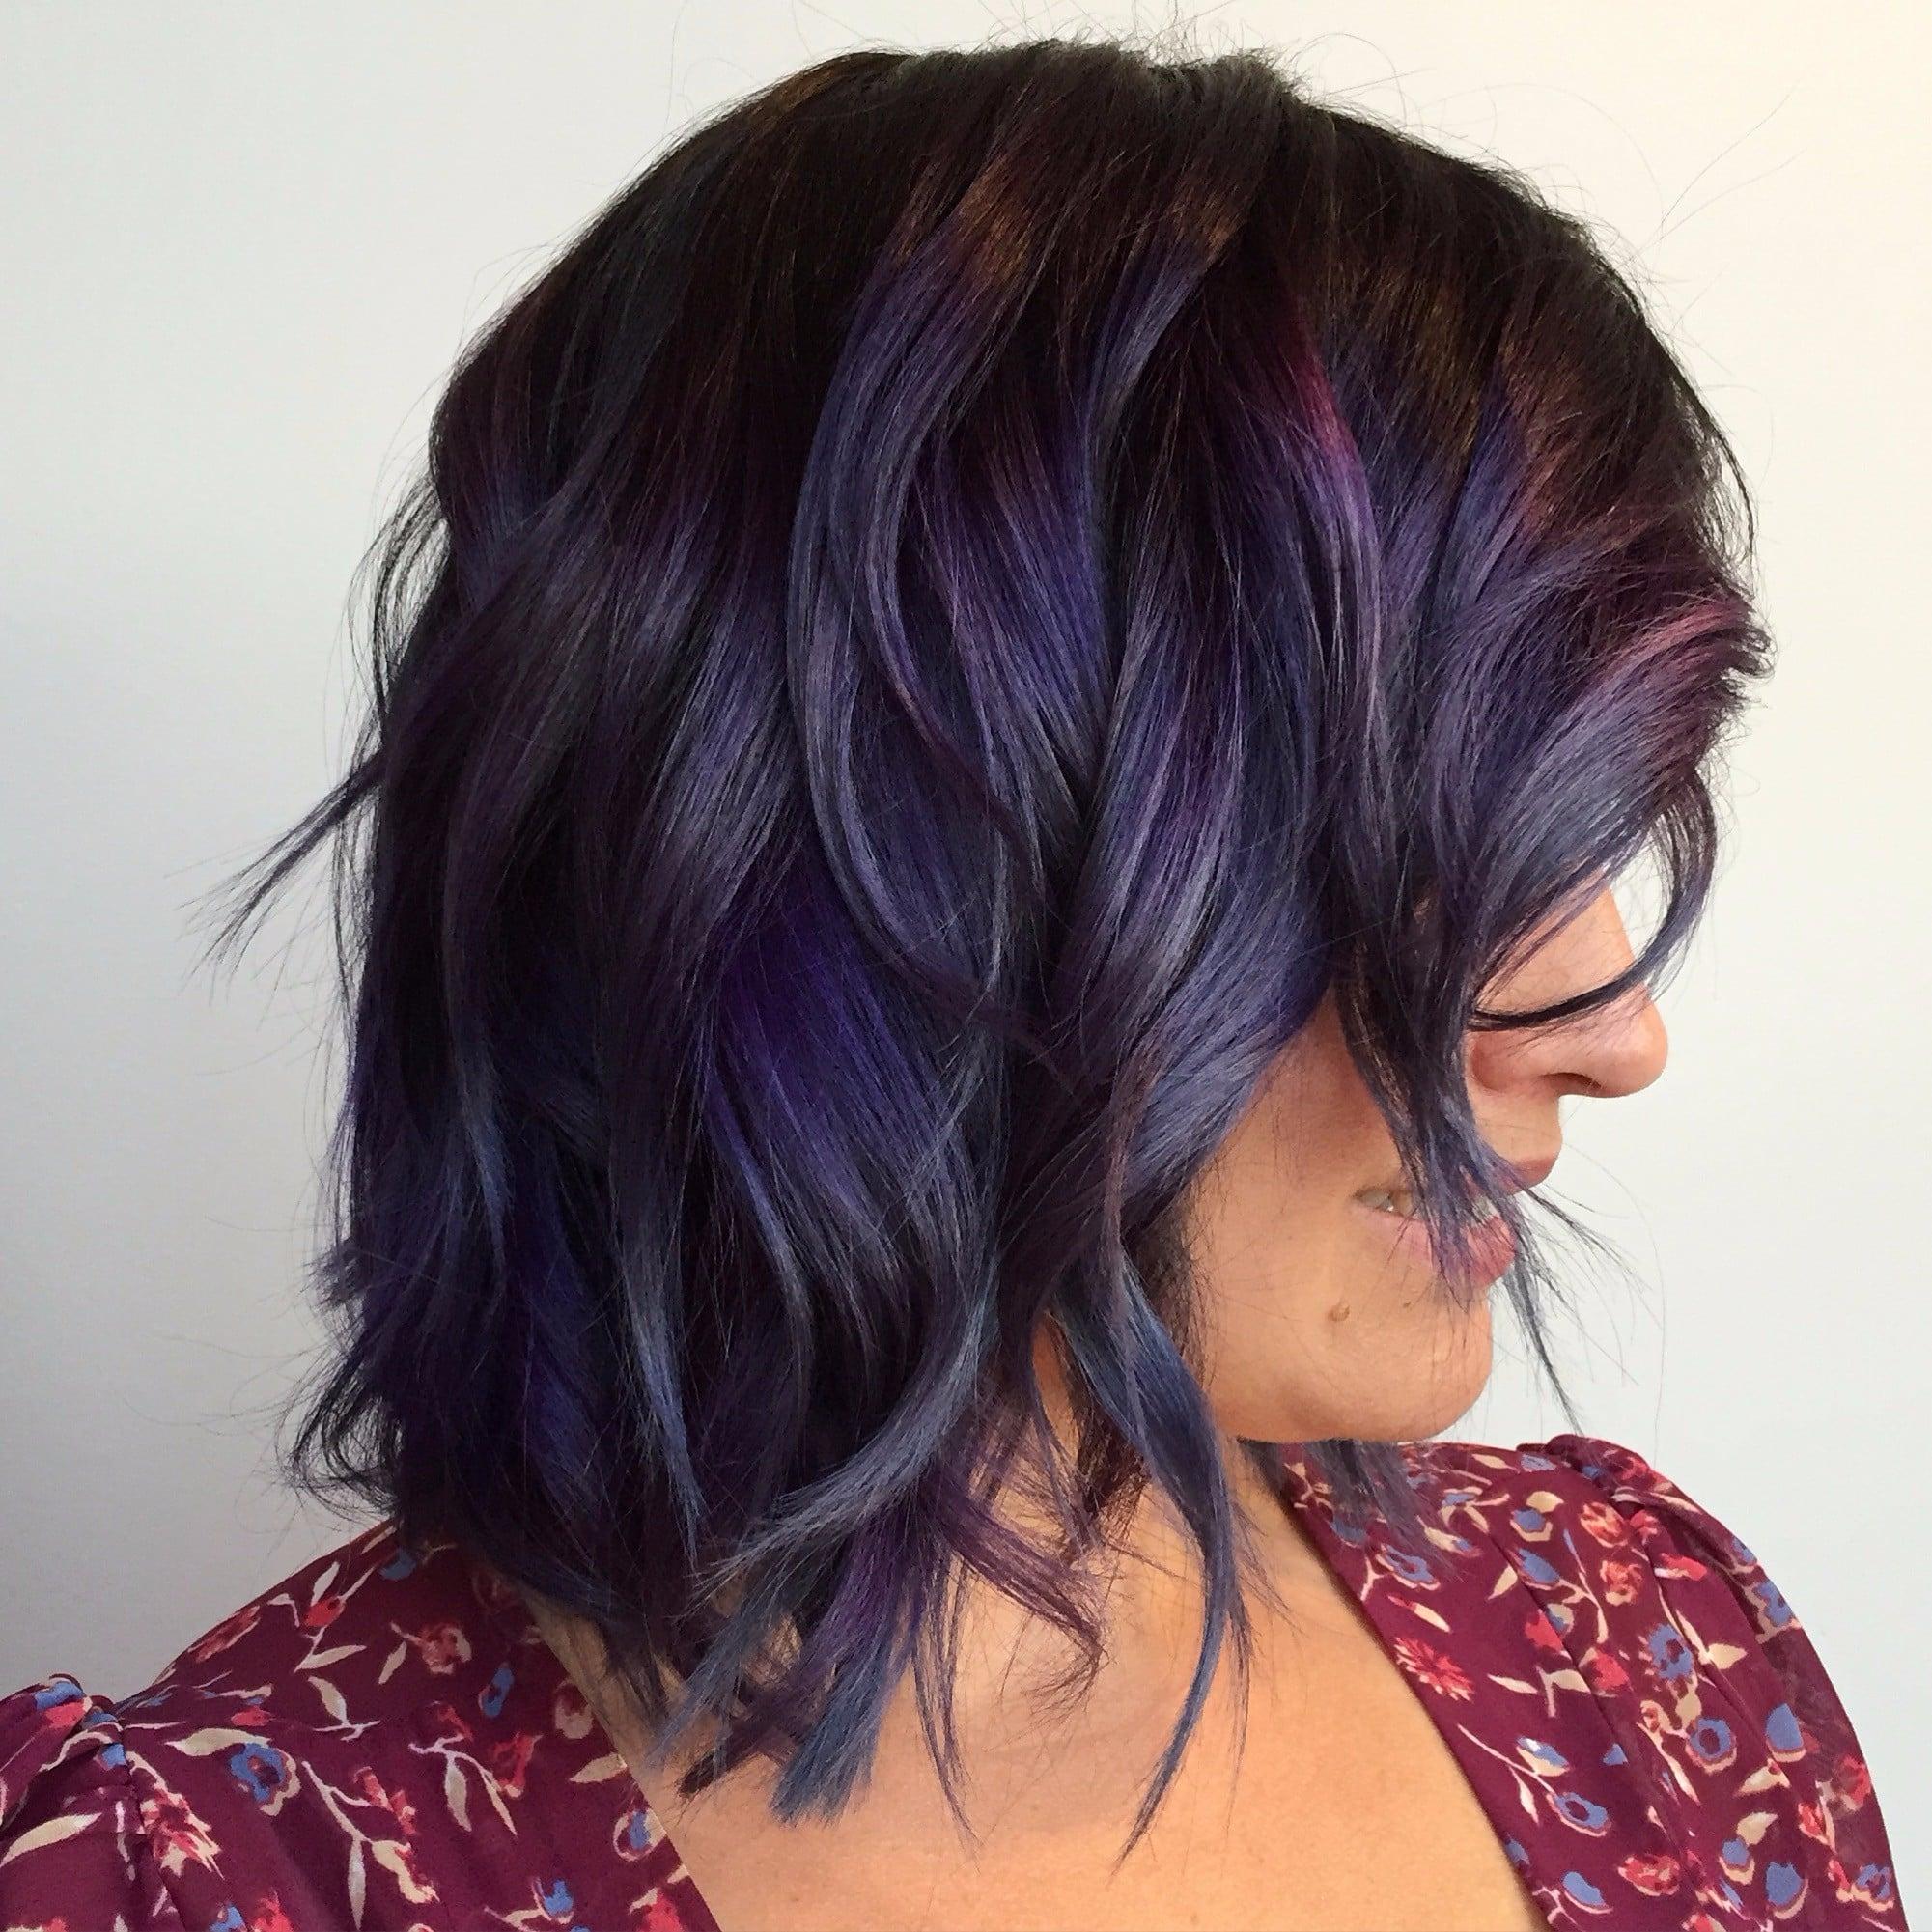 Rainbow Hair Colour Ideas For Brunettes | Autumn/Winter 2016 ...